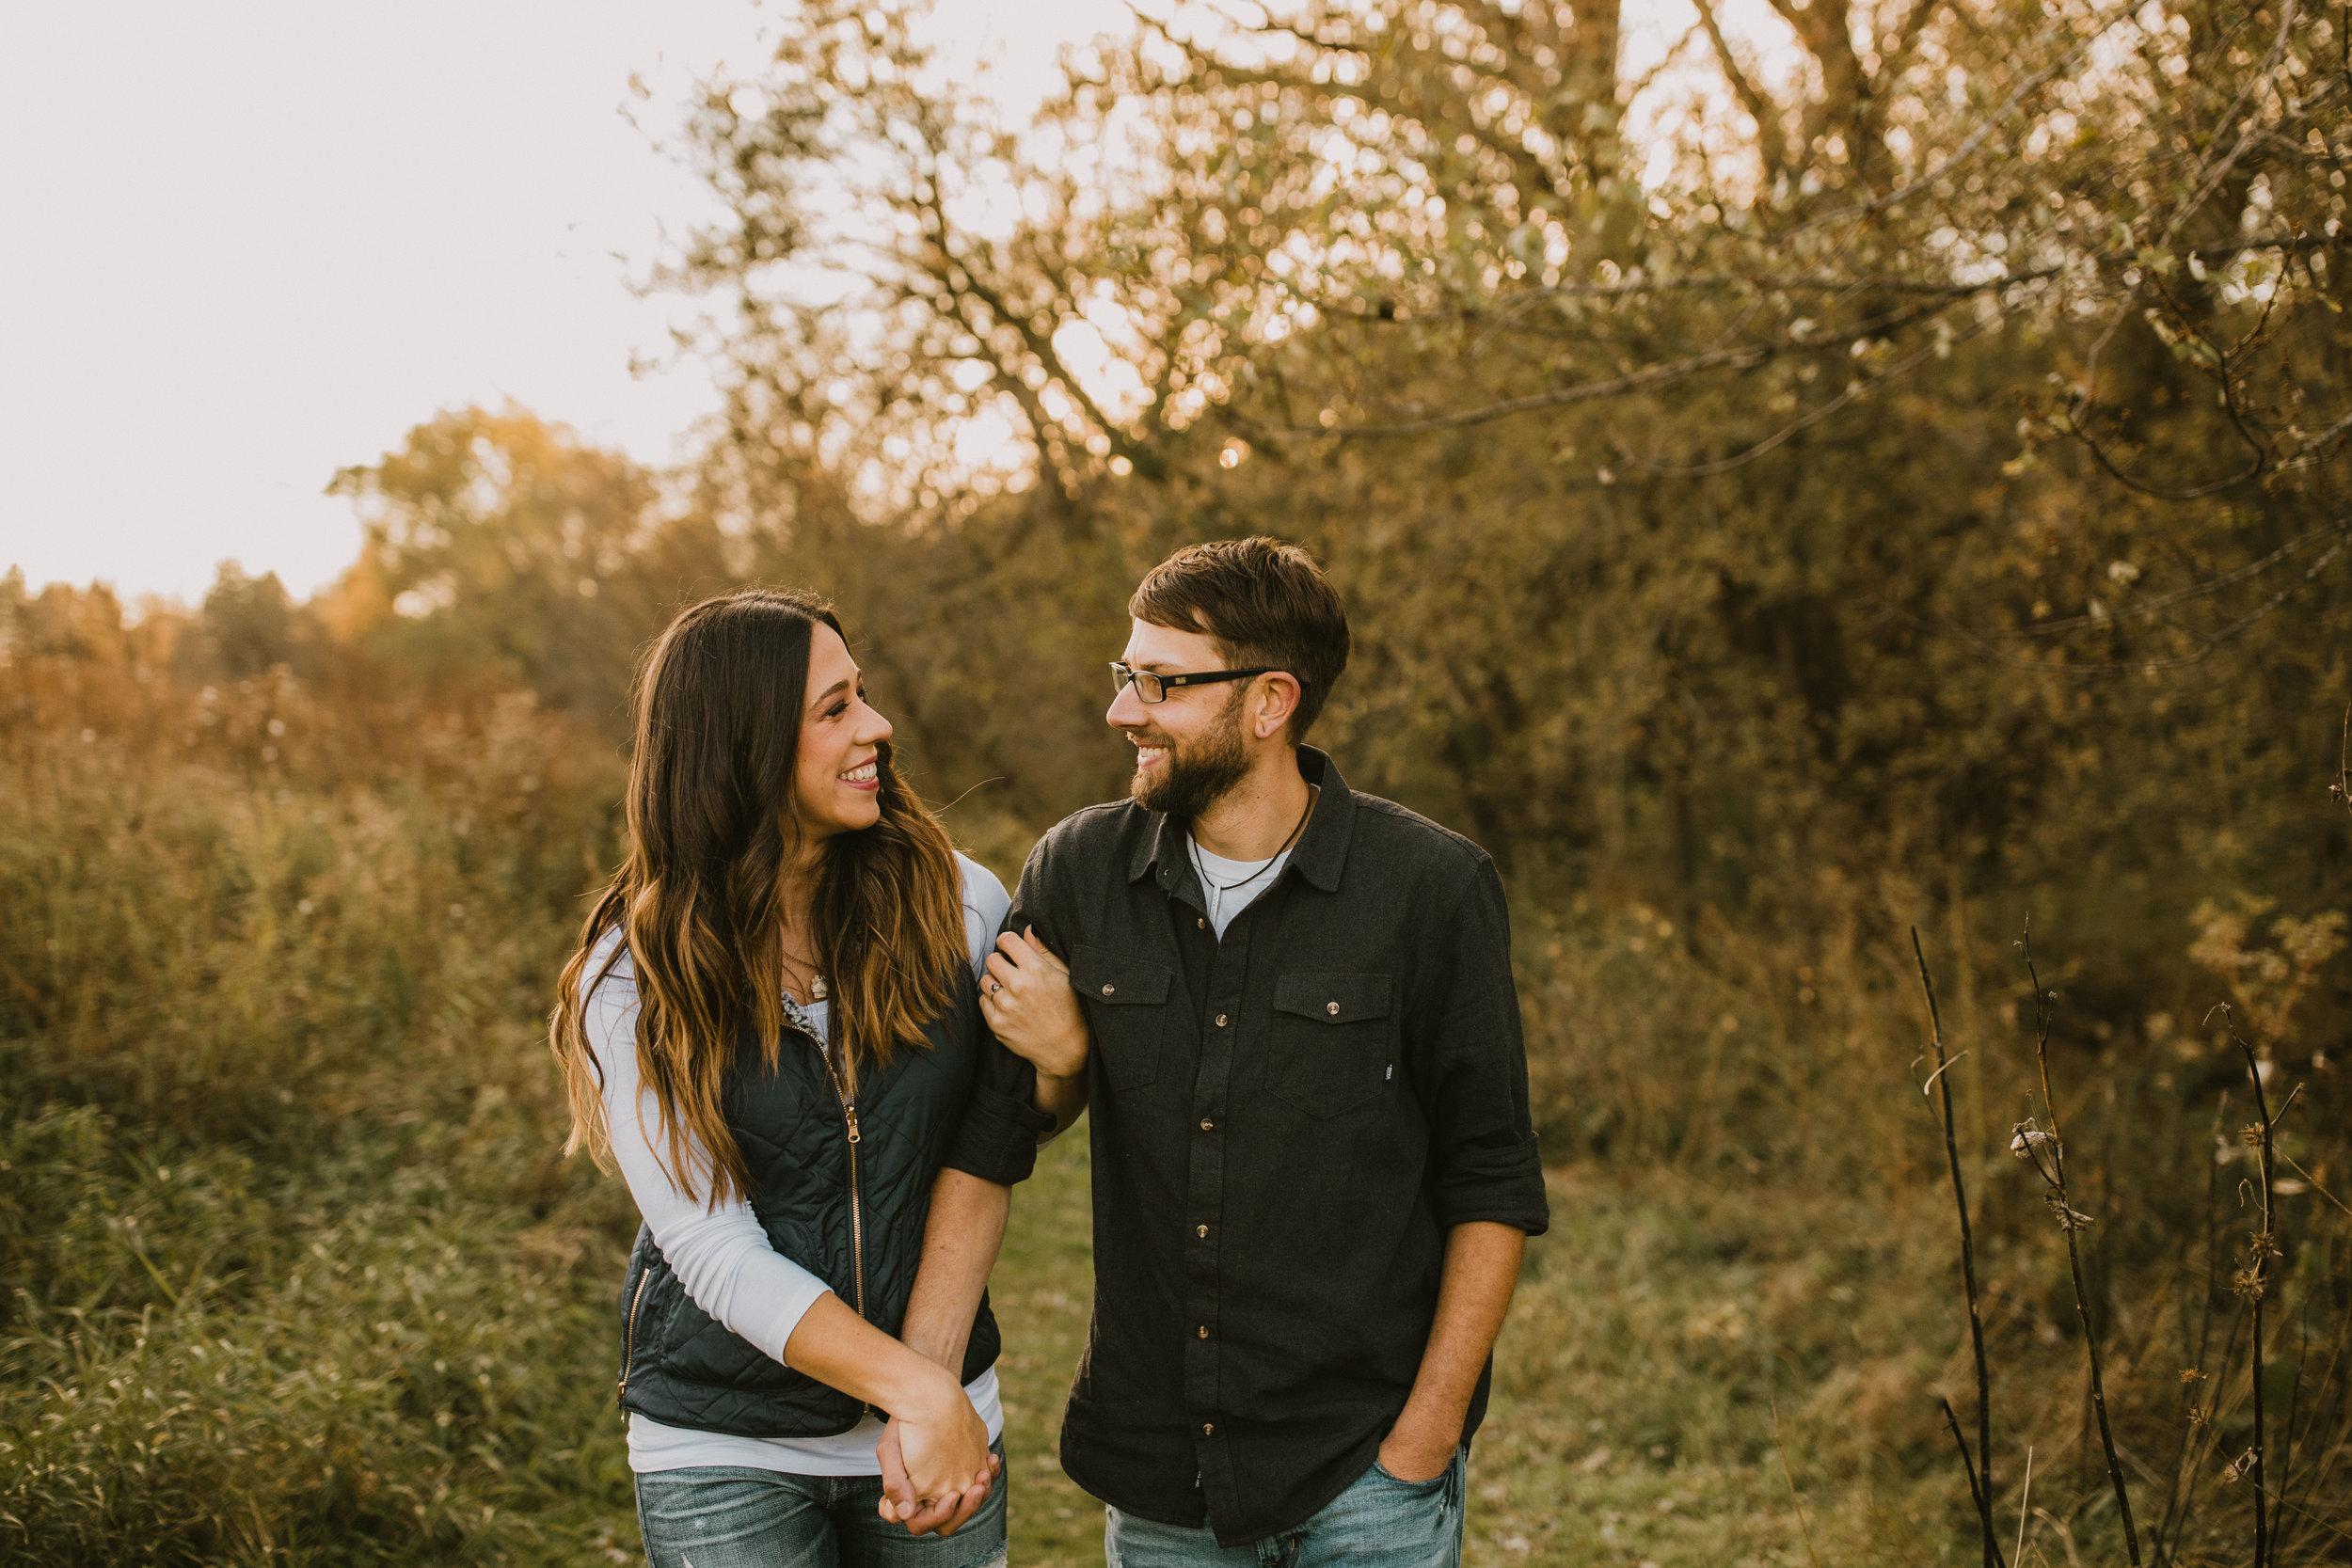 Maggie & Matt-Waukesha Engagement Photographer-31.jpg